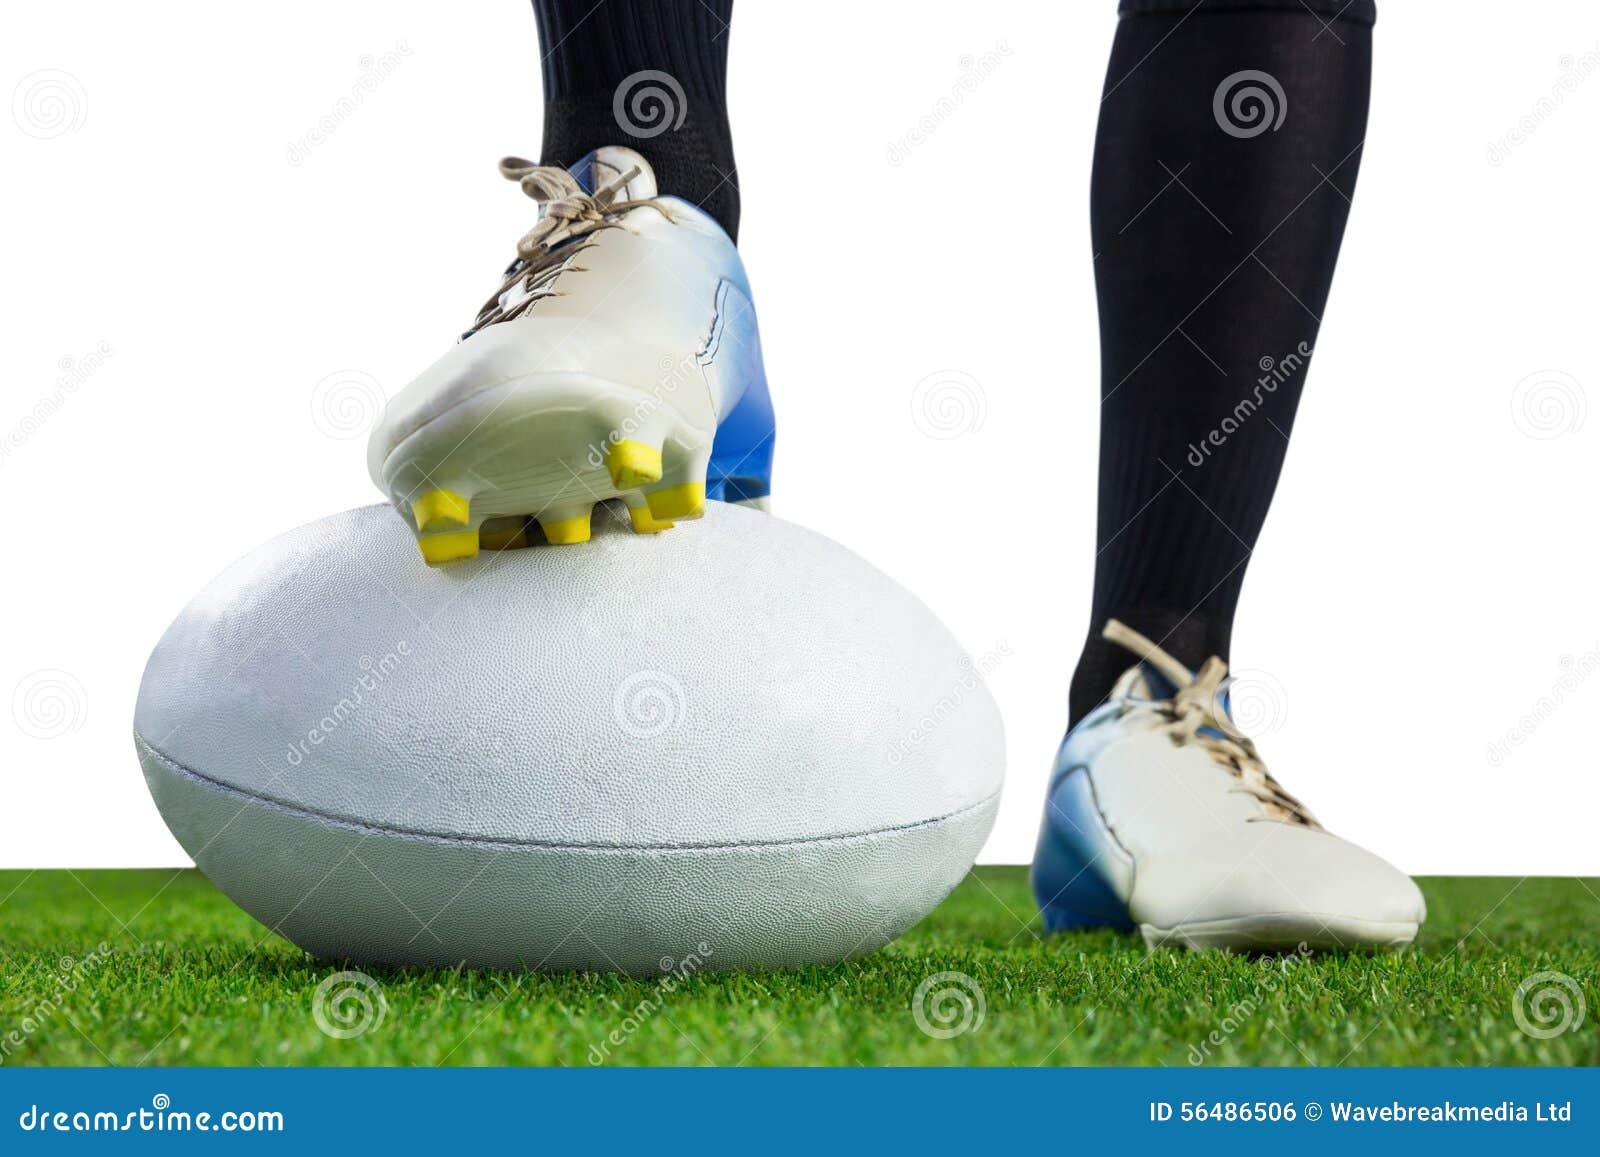 Joueur de rugby posant des pieds sur la boule